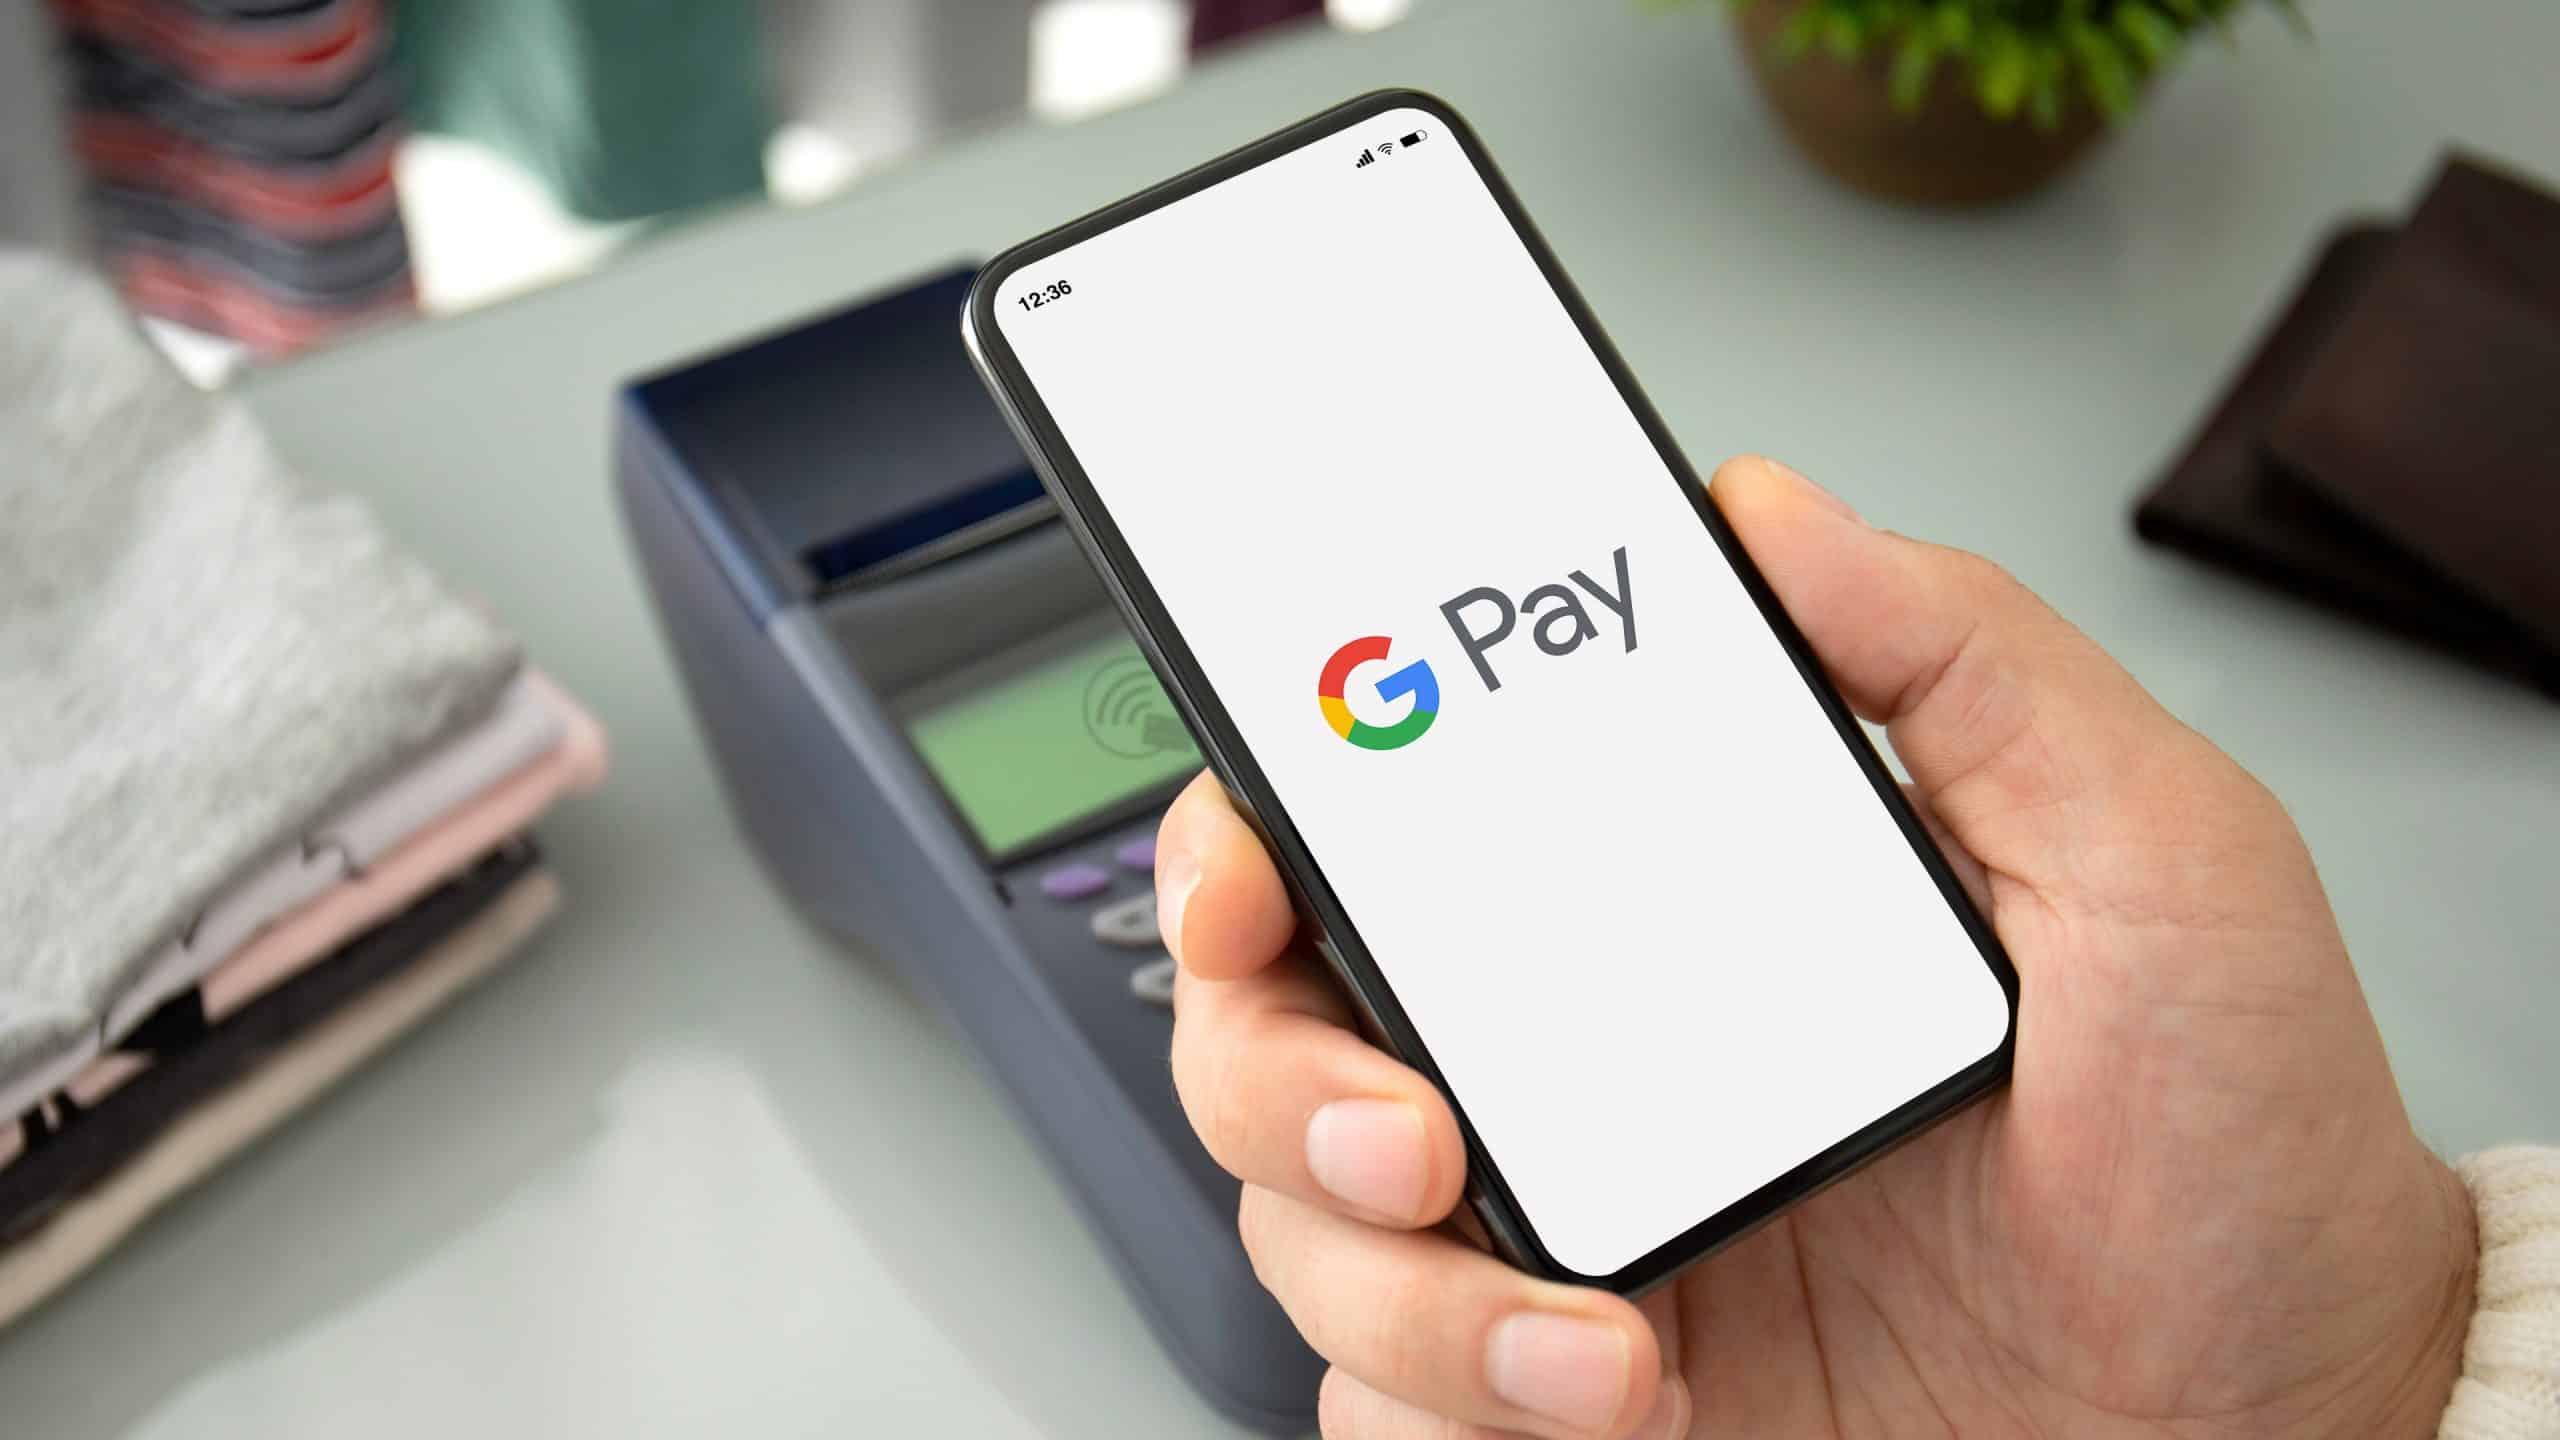 bitcoin platformu bakkt, kripto ödemelerini genişletmek i̇çin teknoloji deviyle ortaklık yapmaya karar verdi! 26